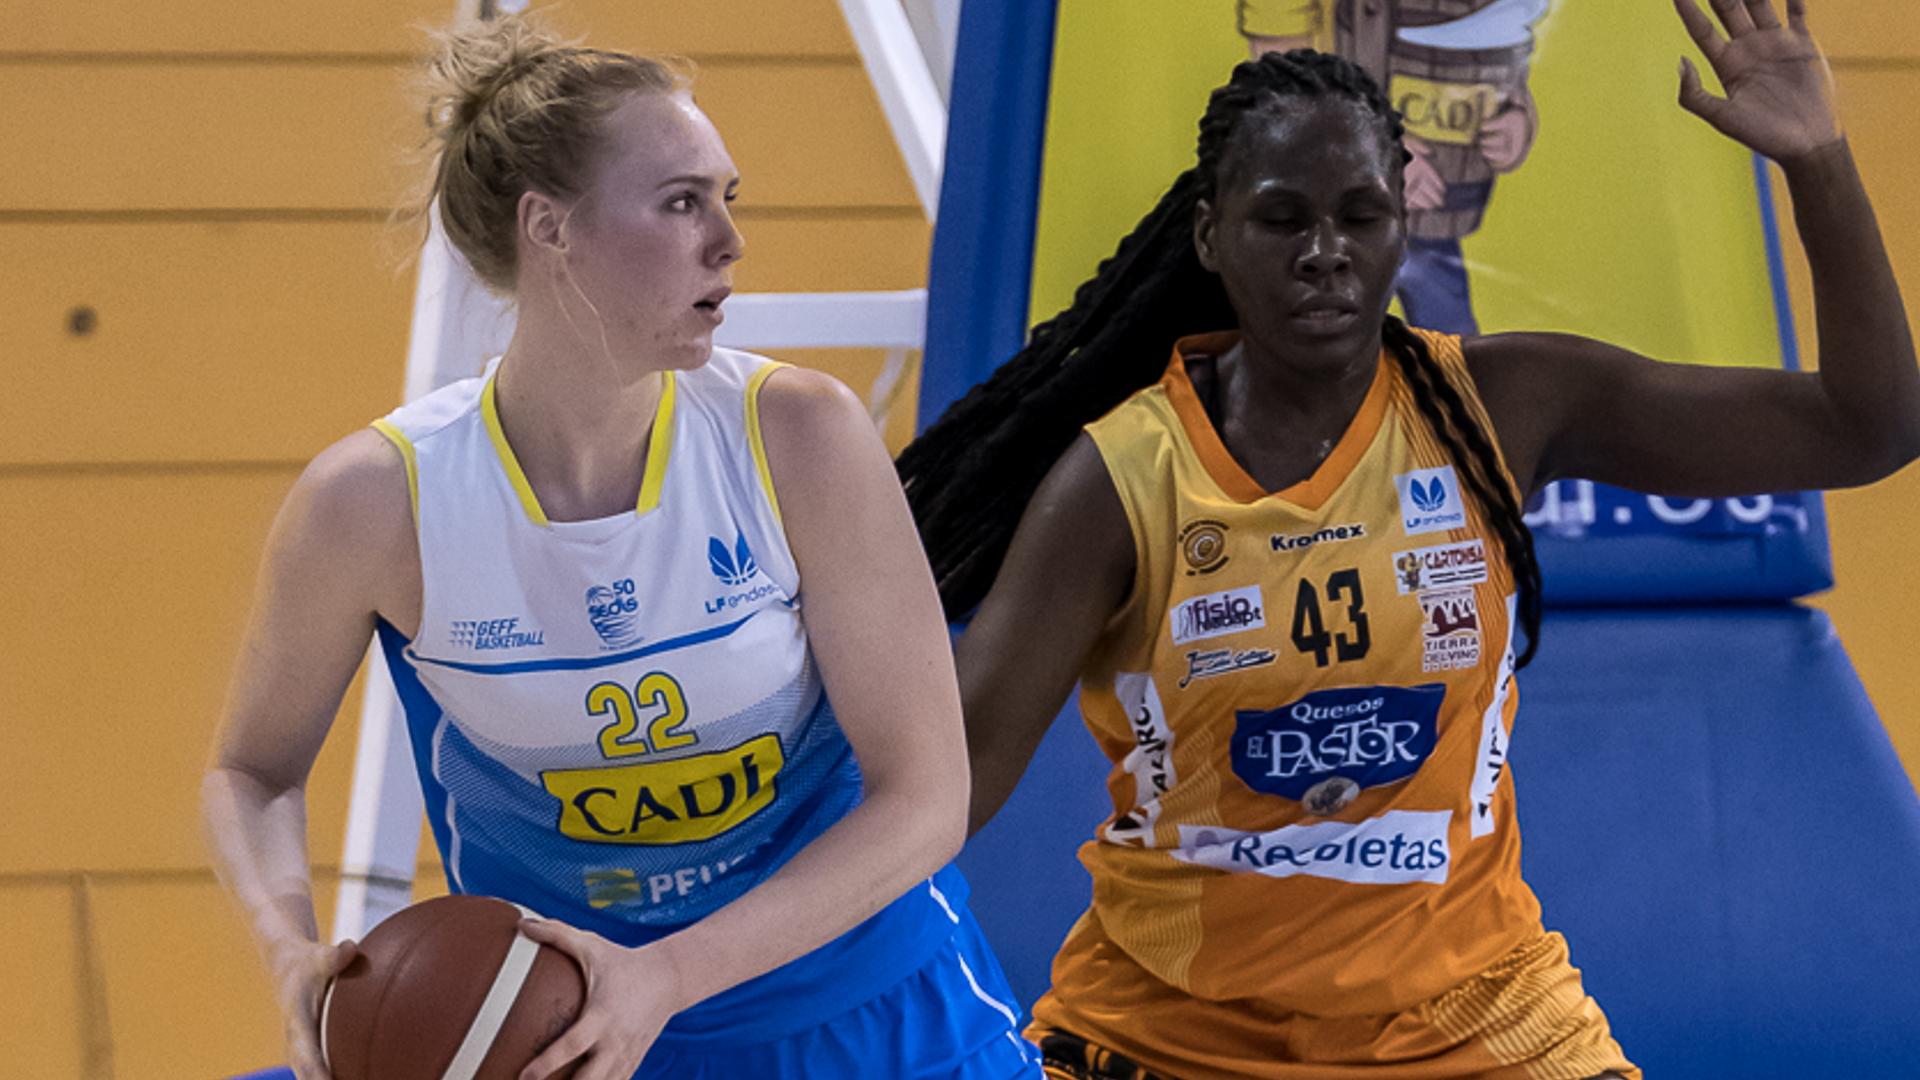 Previa LF Endesa J.20: Valencia Basket - Cadí La Seu